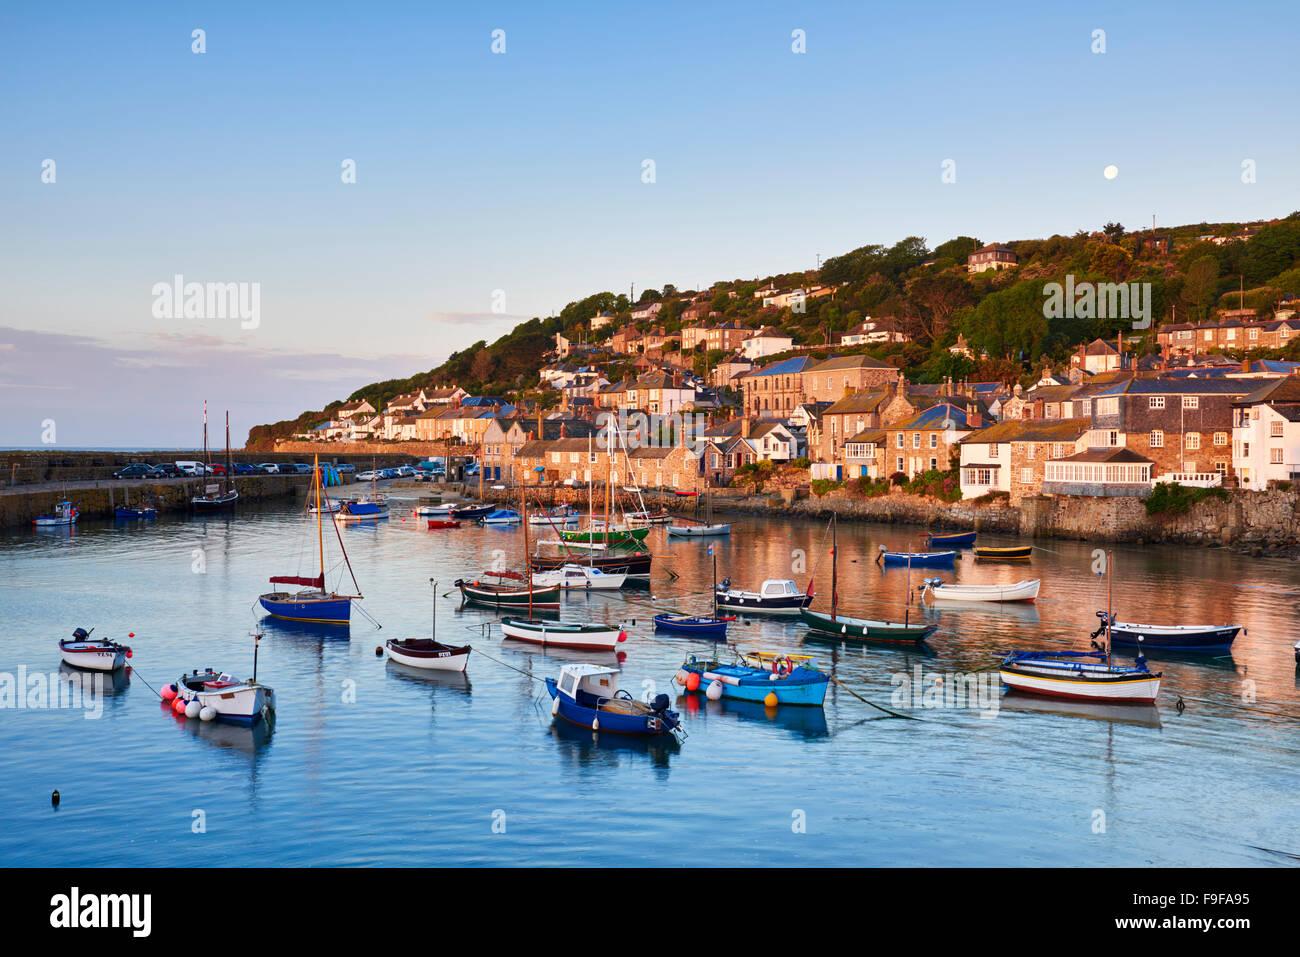 La première lumière de l'aube attraper les chalets le long du front de mer, surplombant le pittoresque Photo Stock